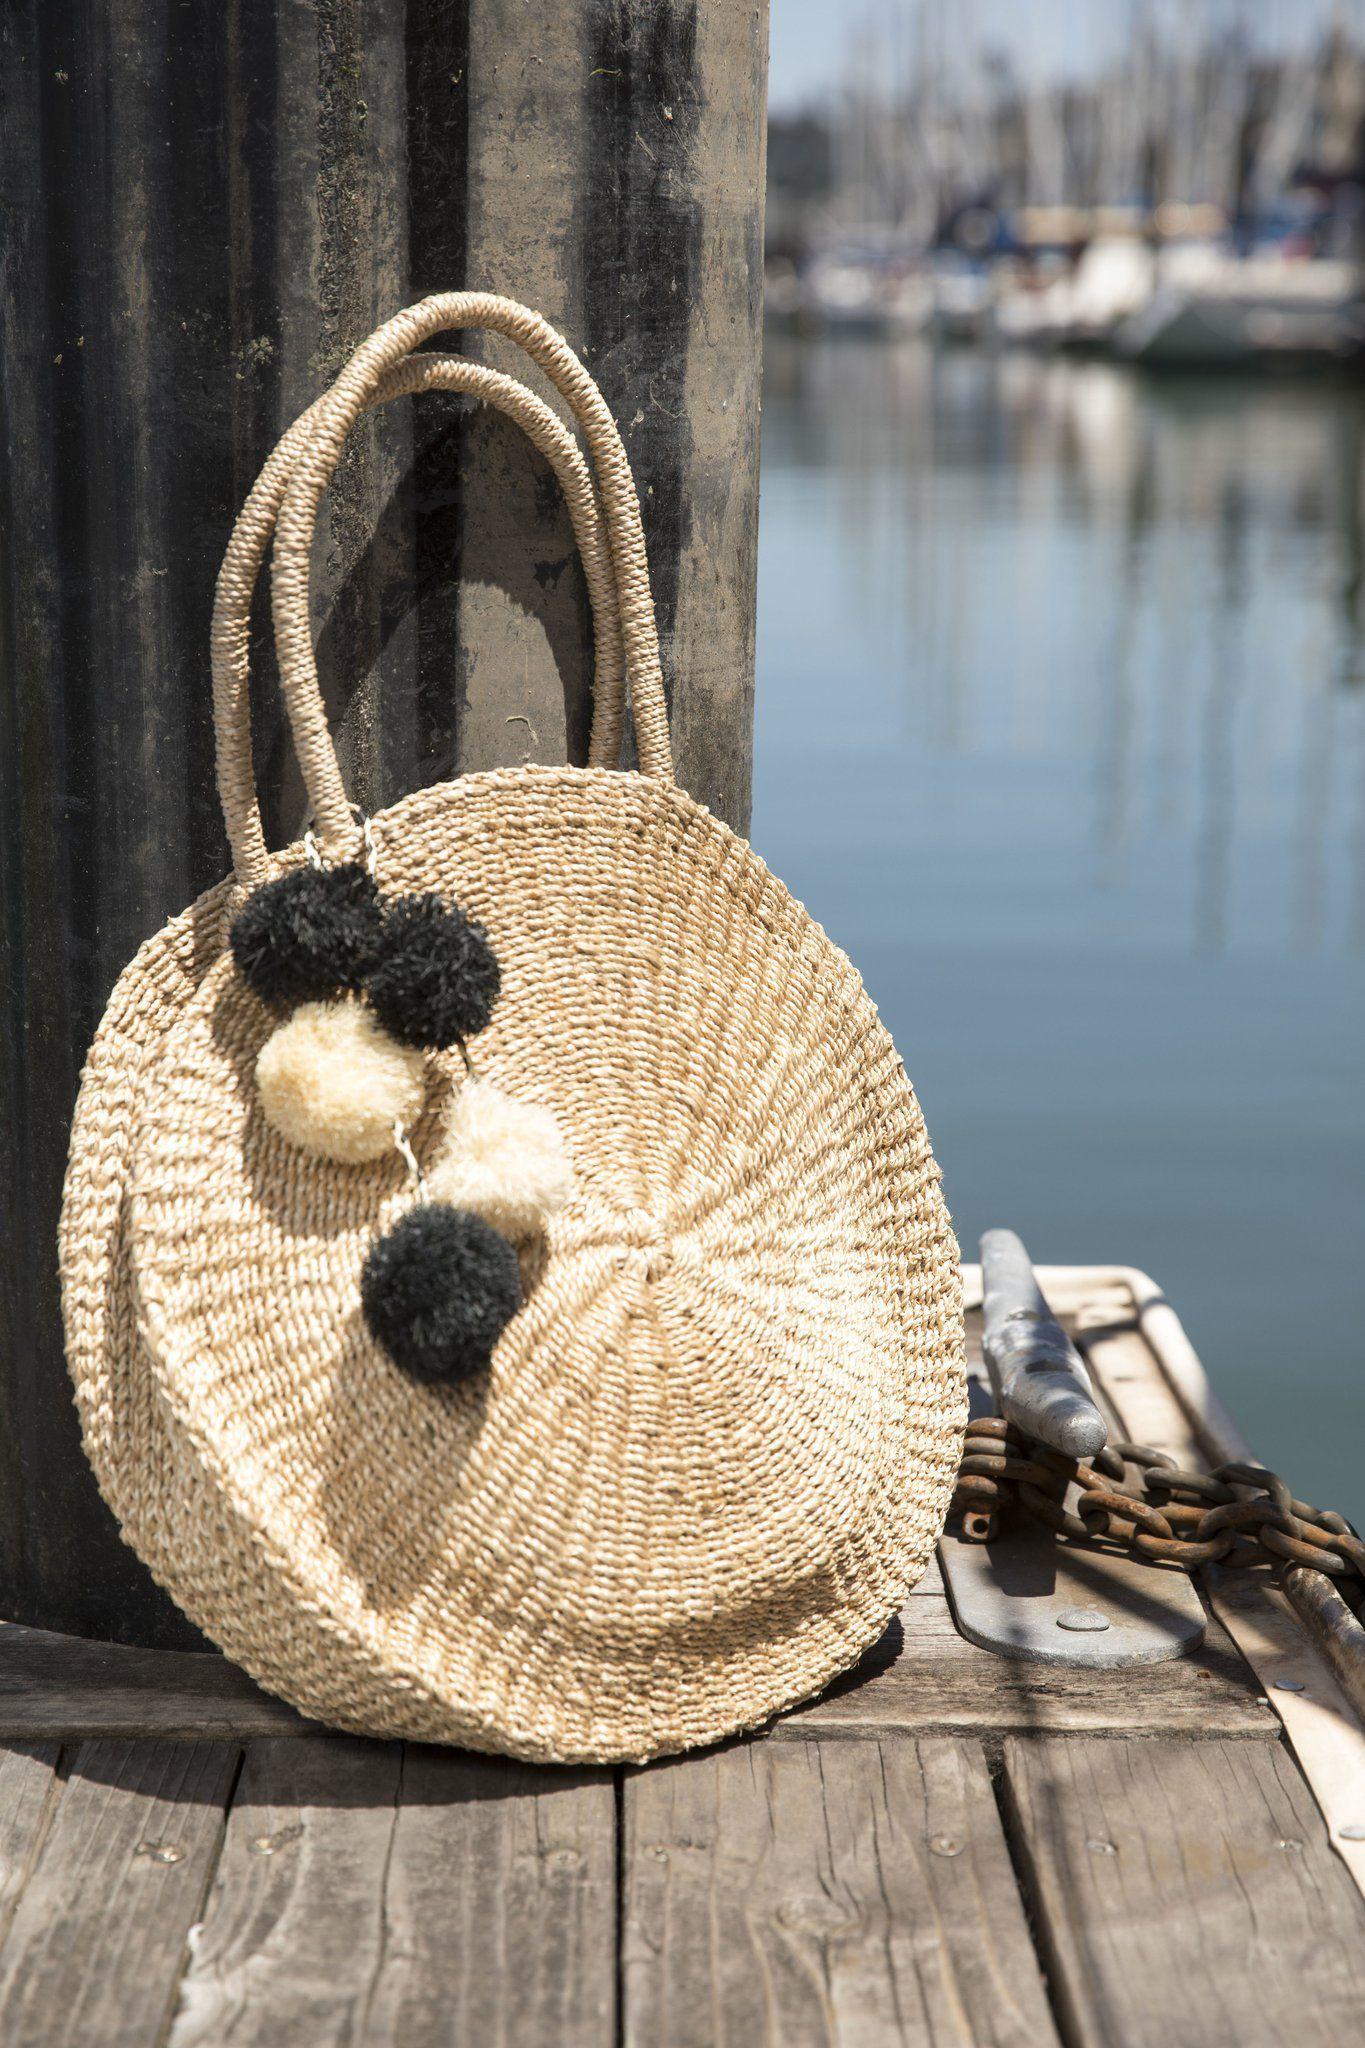 f4d5556a64 Le borse di paglia 2018 altro che borse mare... queste sono pura  couturemarieclaireita